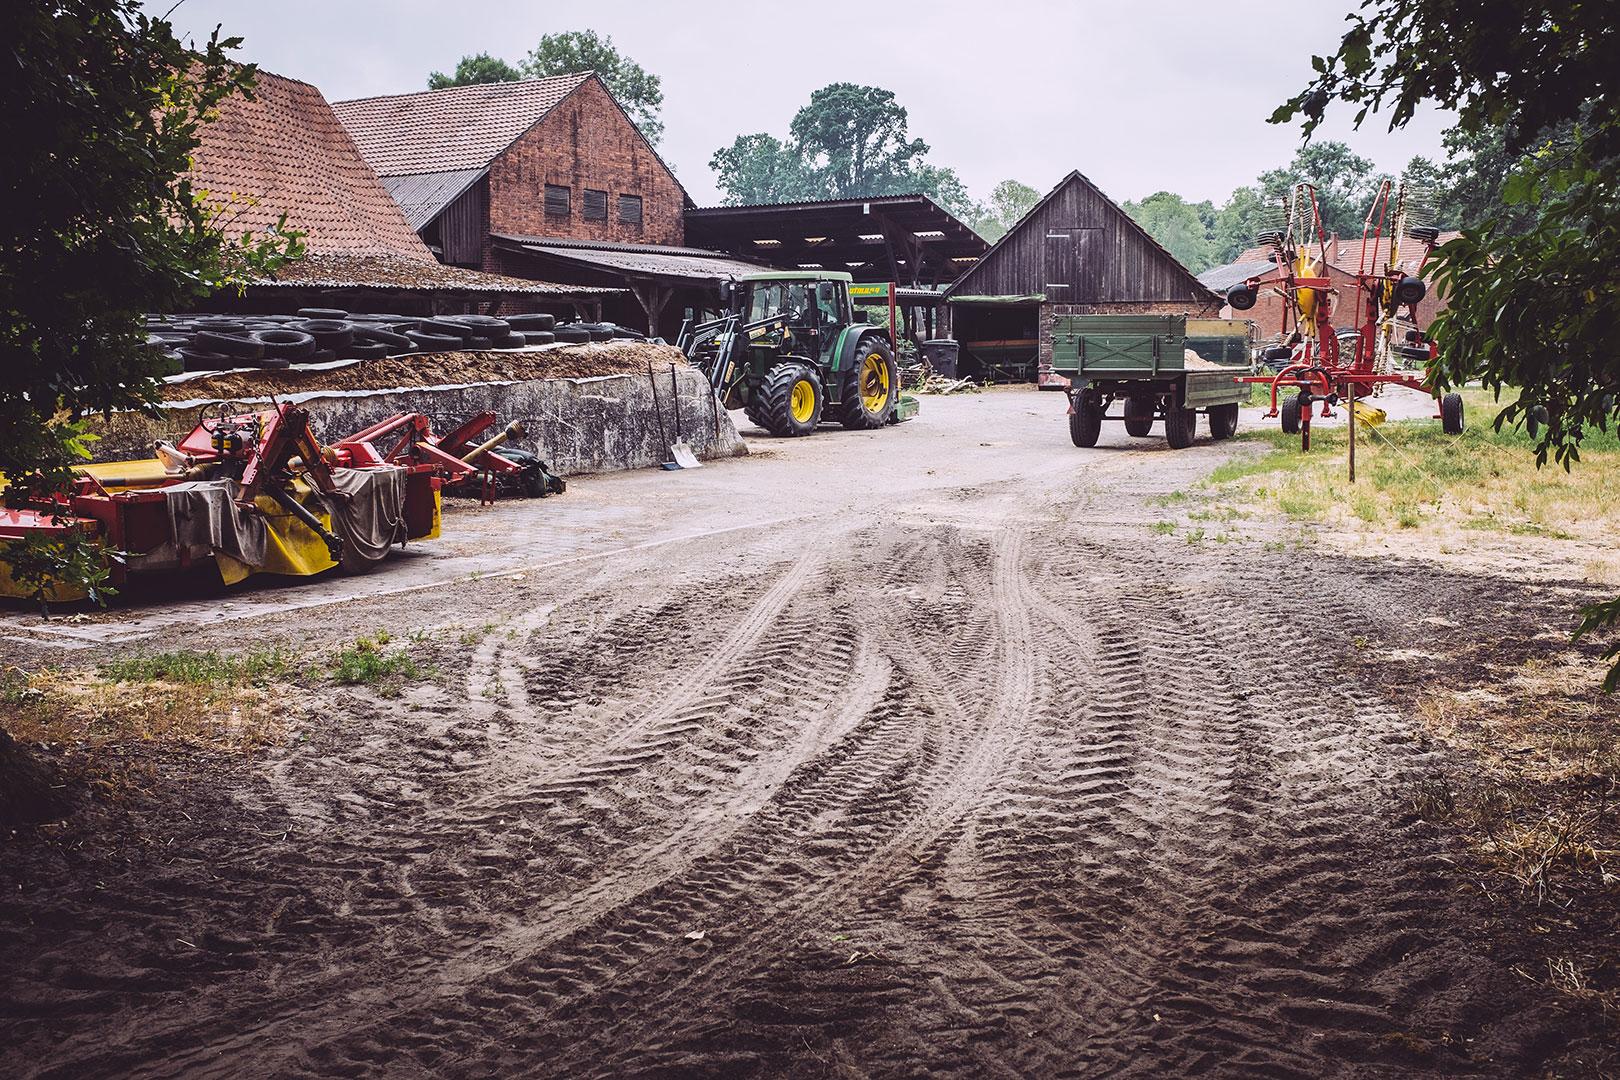 Landwirtschaftlicher Hof in Fischerhude (Verden, Niedersachsen)